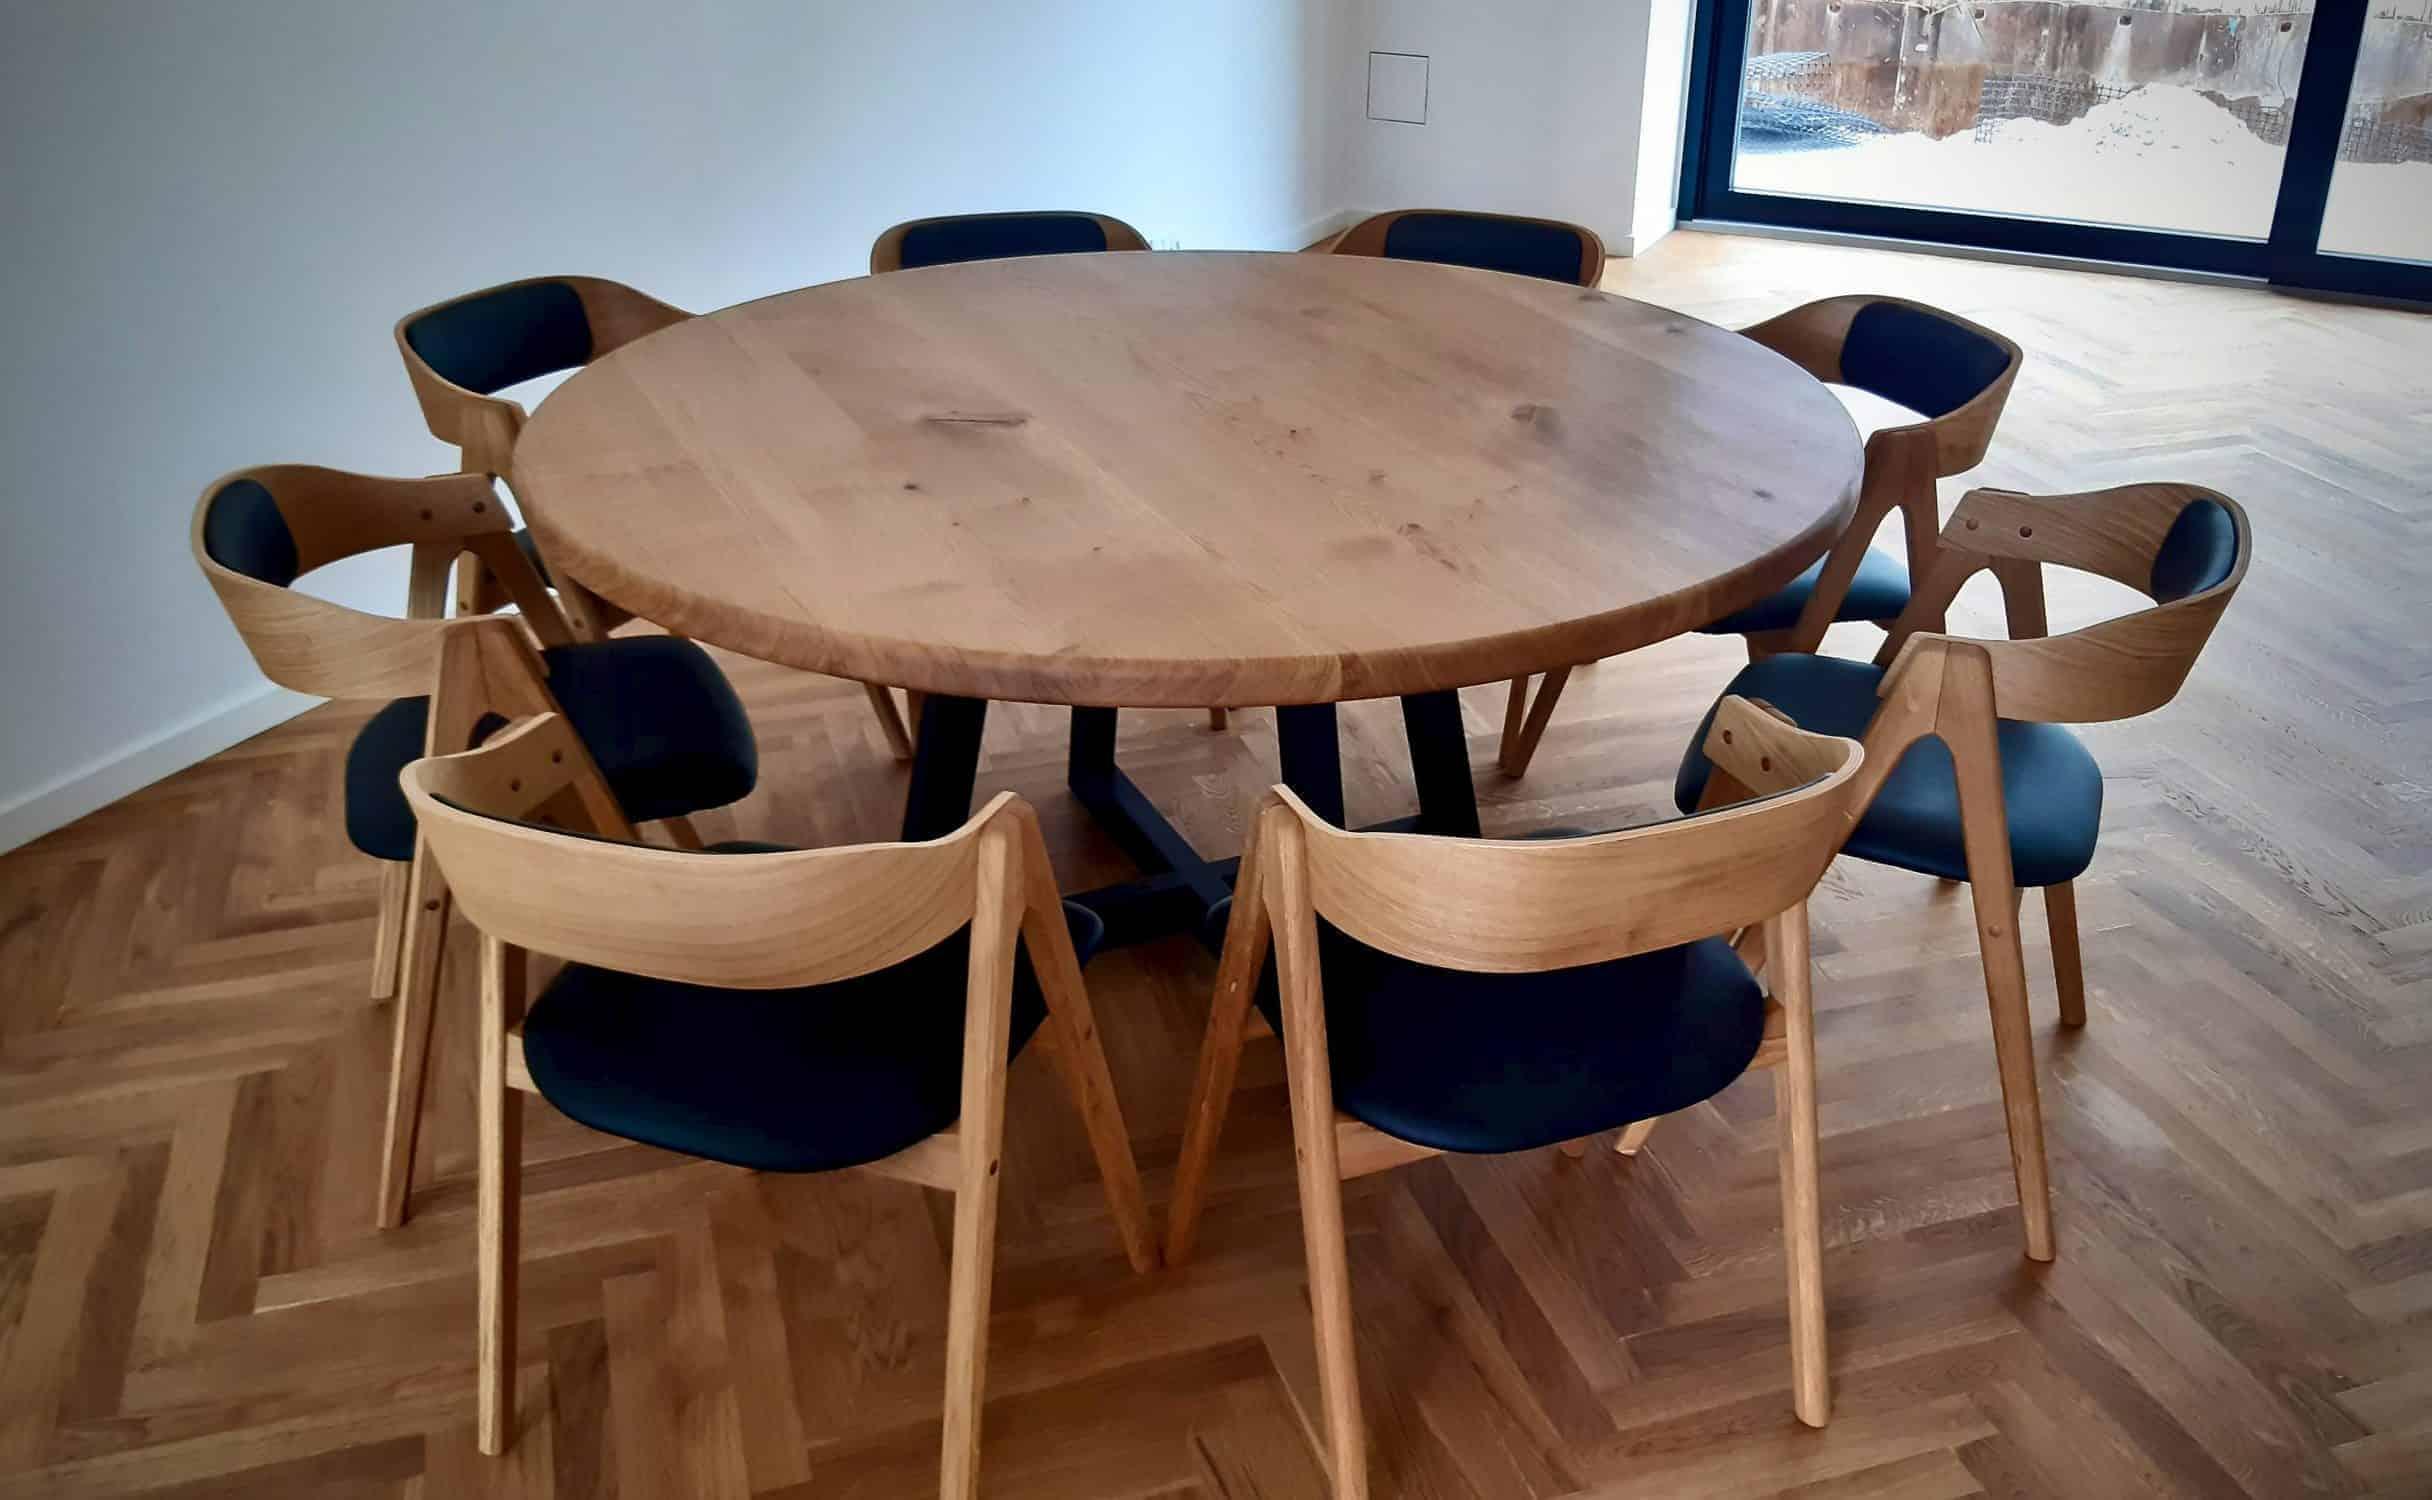 rundtbord rundbord ovalt bord bord i trae traebord traemobler kaerbygaard kaerbygård august 2020 16 scaled